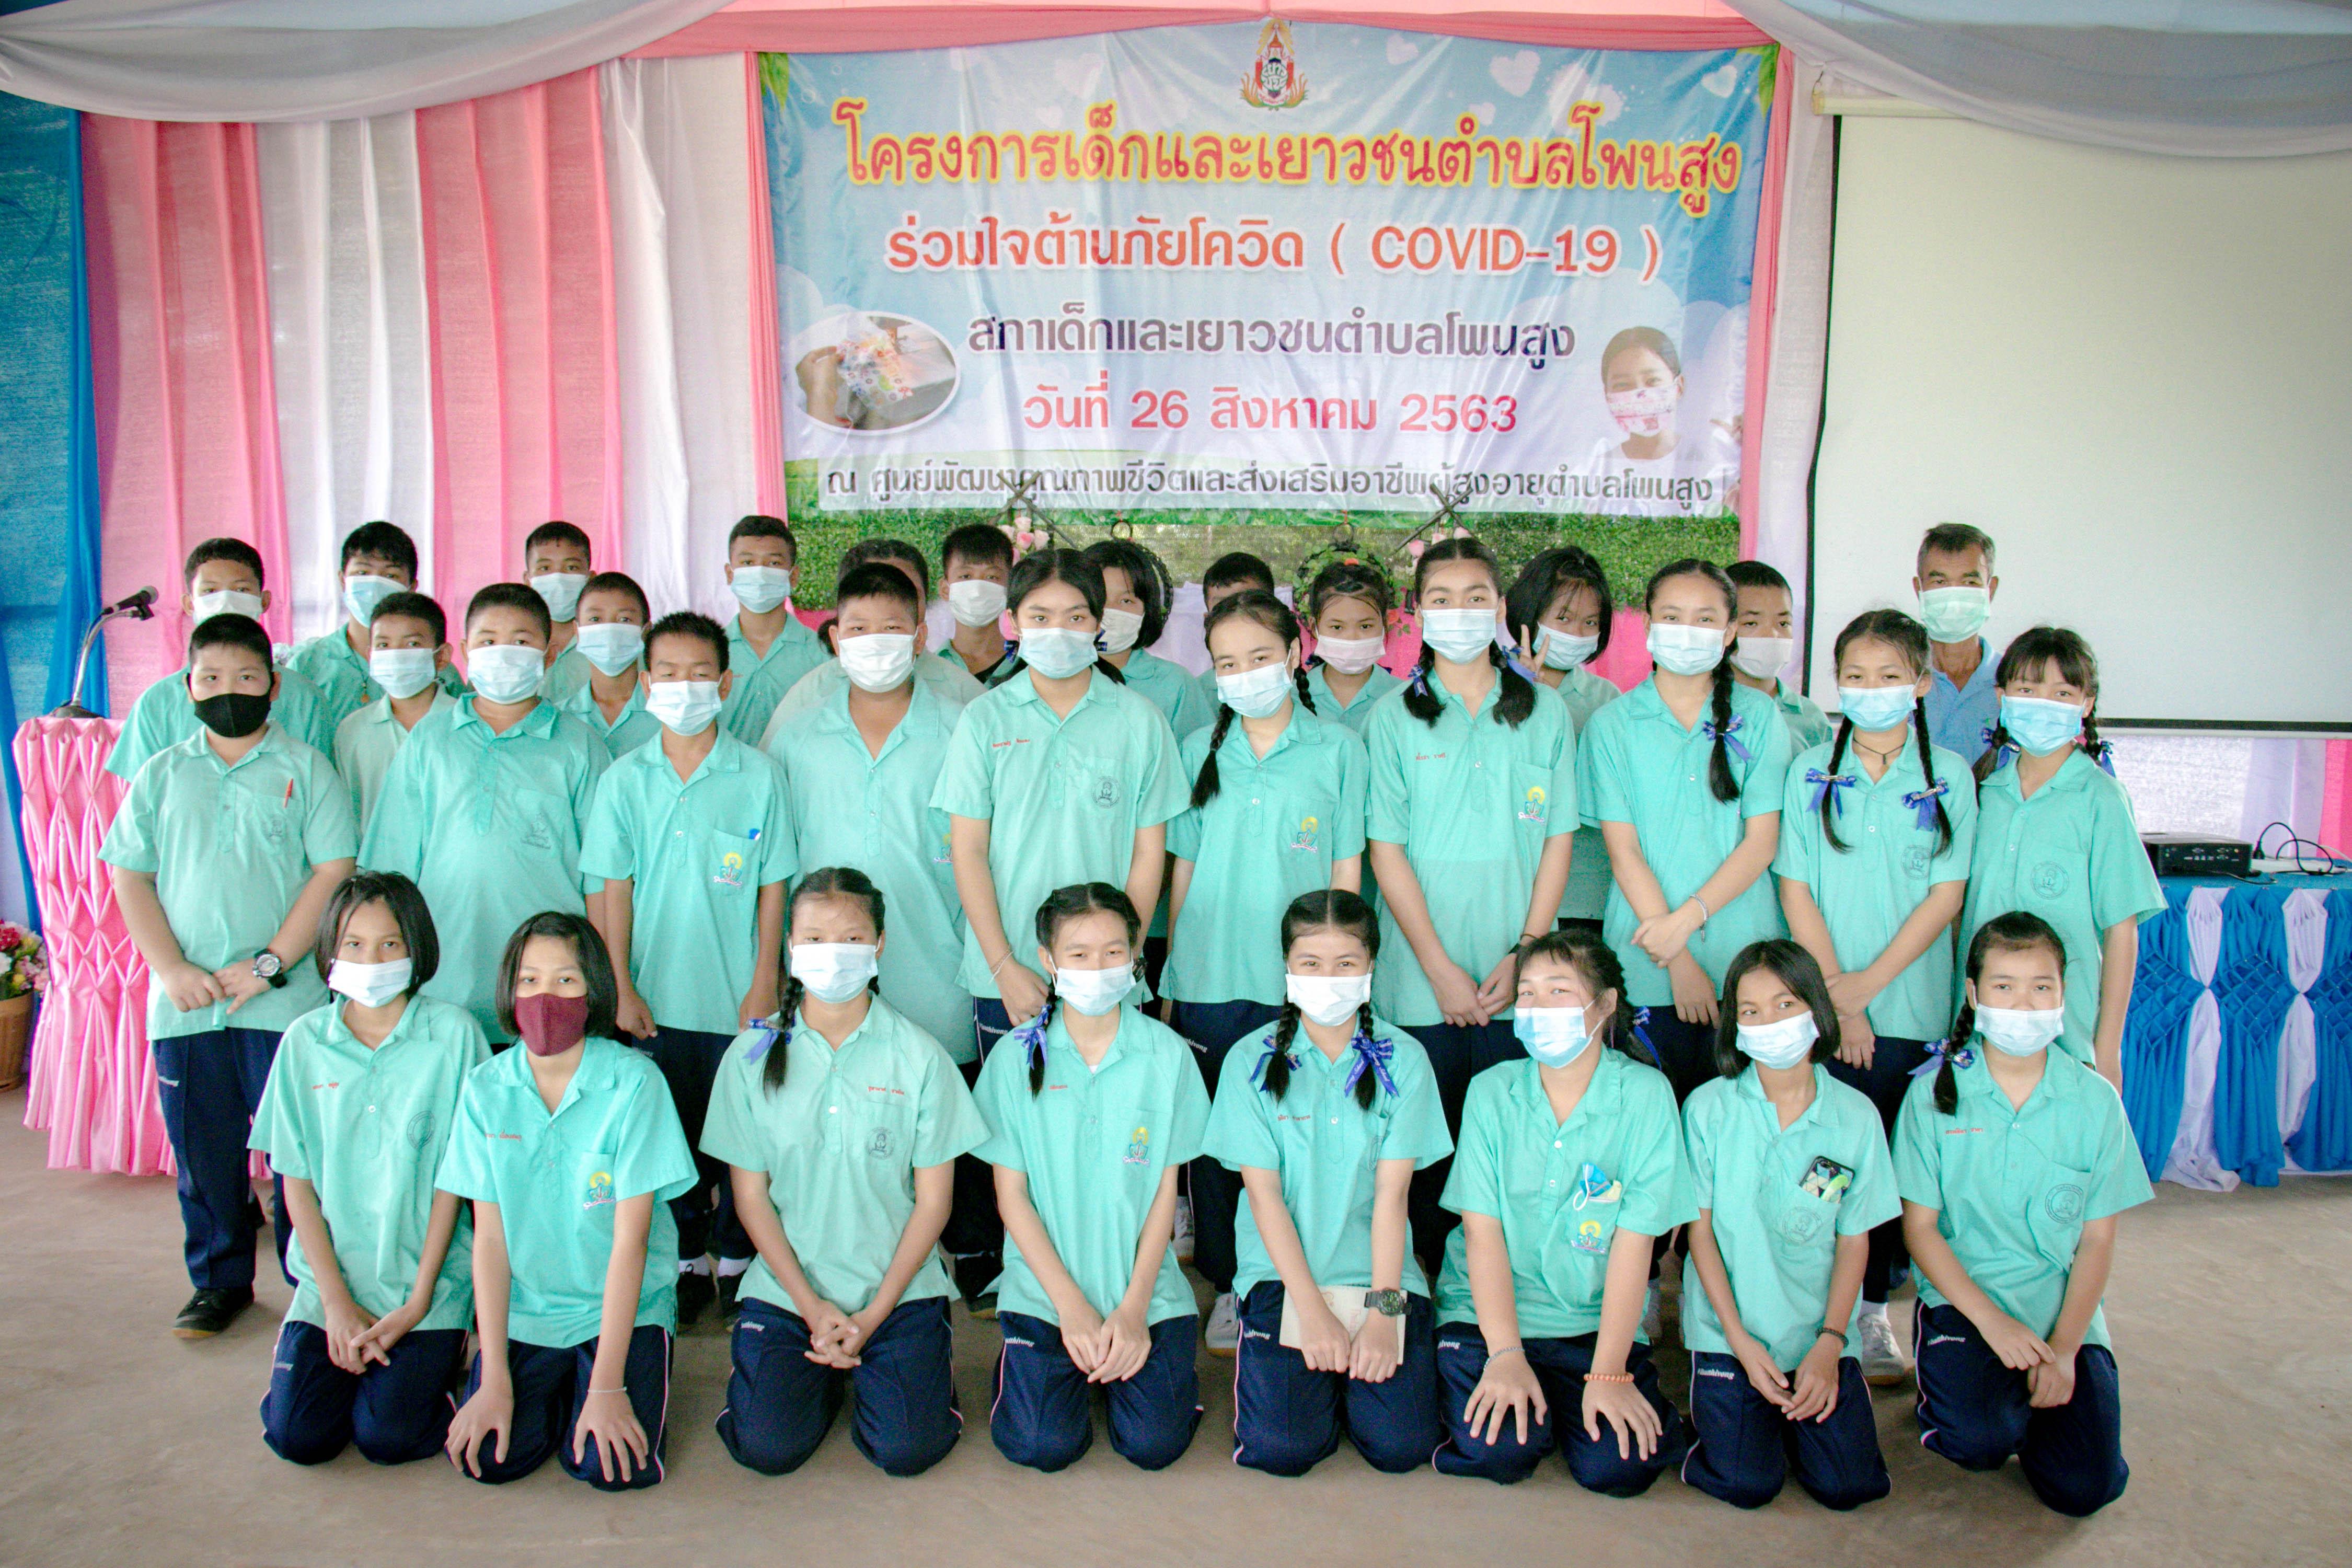 โครงการเด็กและเยาวชนตำบลโพนสูงร่วมใจต้านภัยโควิด (COVID 19 )